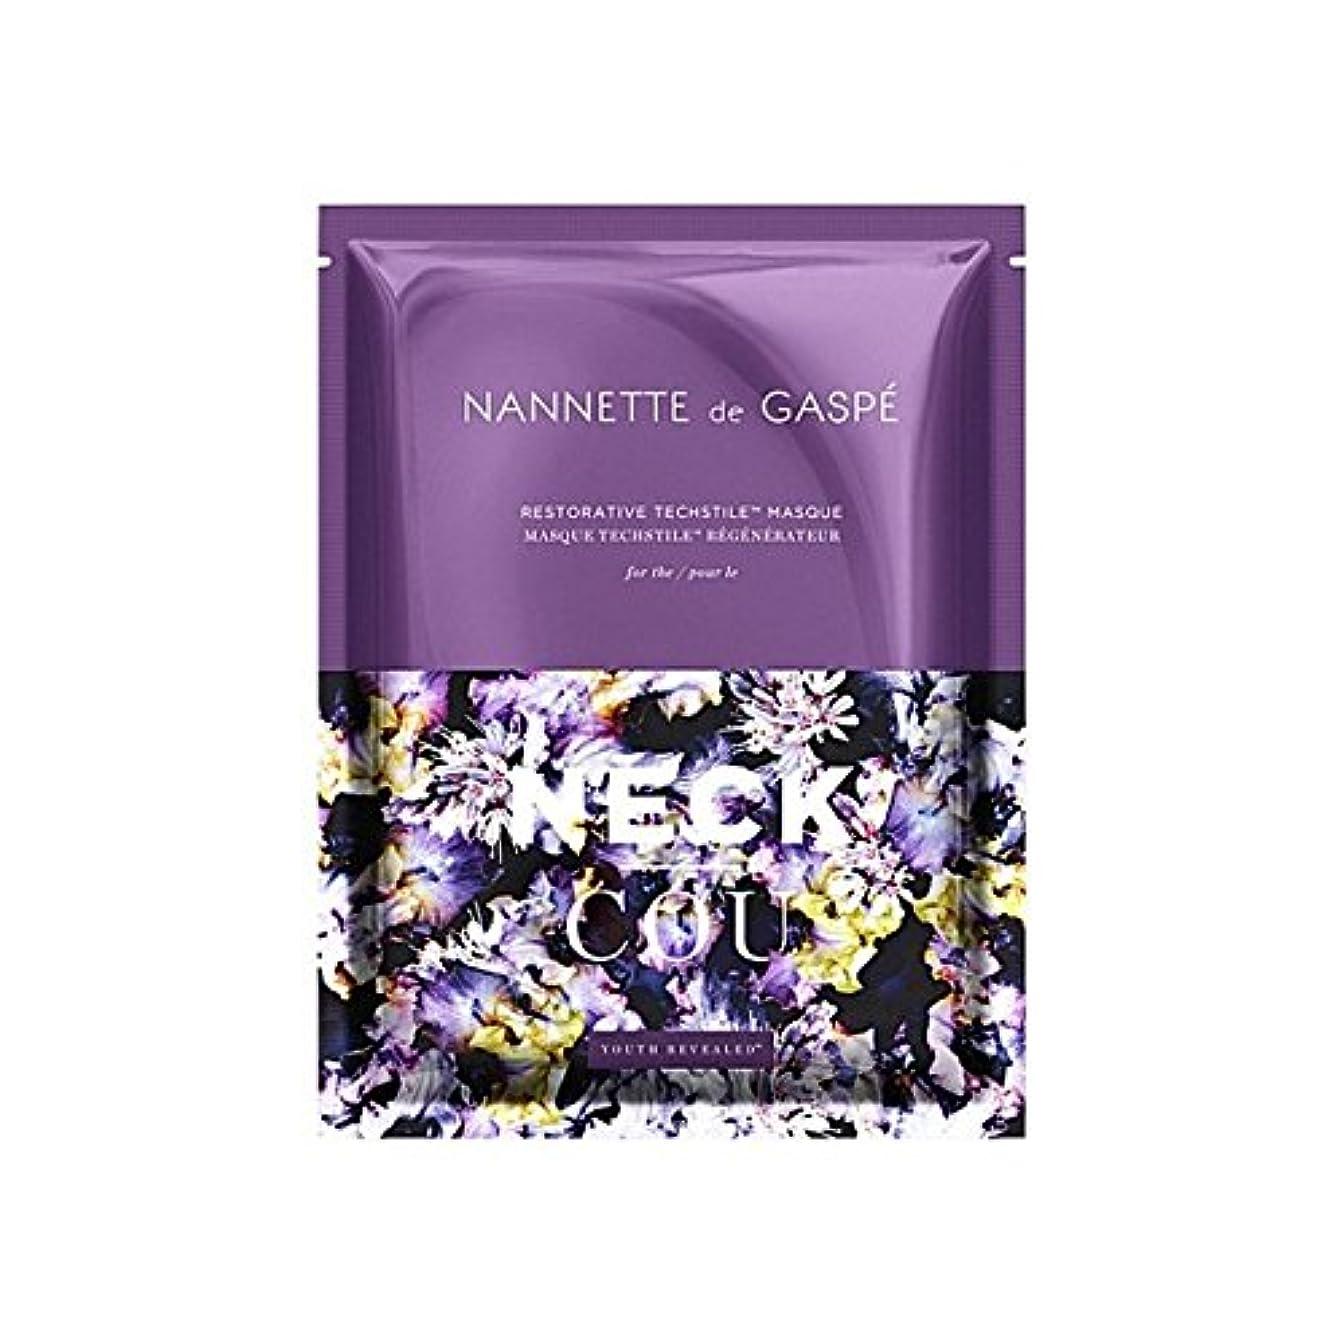 聖歌オリエンテーションつぶすデガスペ修復首の仮面劇 x2 - Nannette De Gaspe Restorative Techstile Neck Masque (Pack of 2) [並行輸入品]